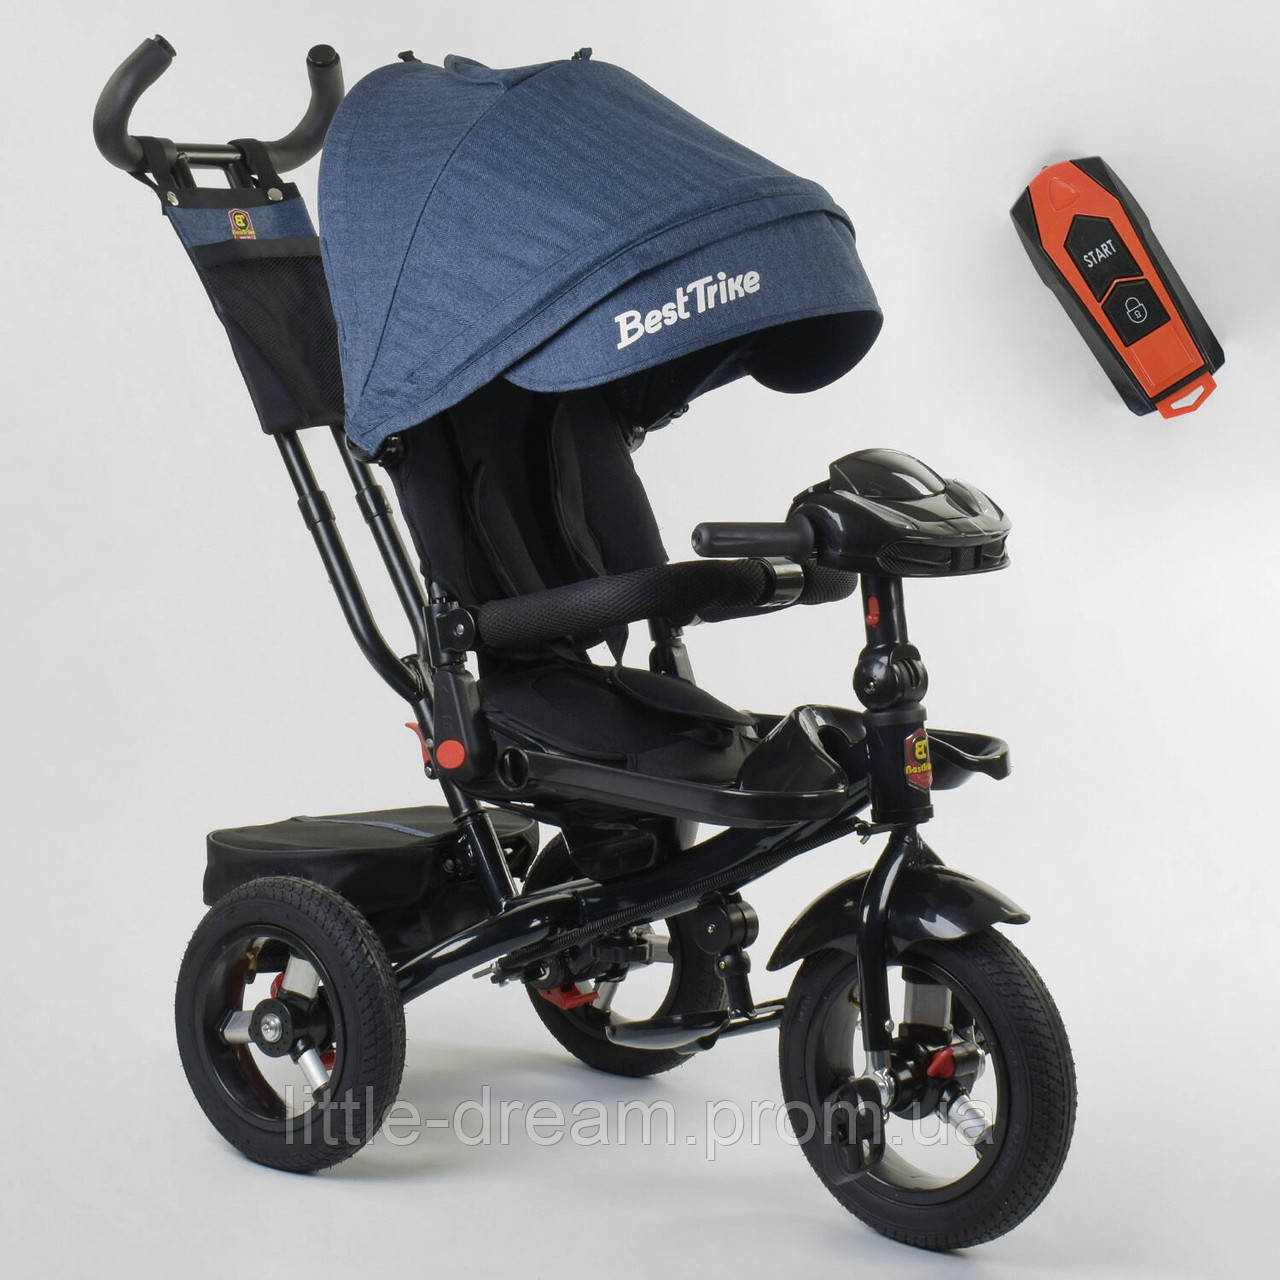 Велосипед 3-х колёсный Best Trike 6088 F - 09-504 Синий